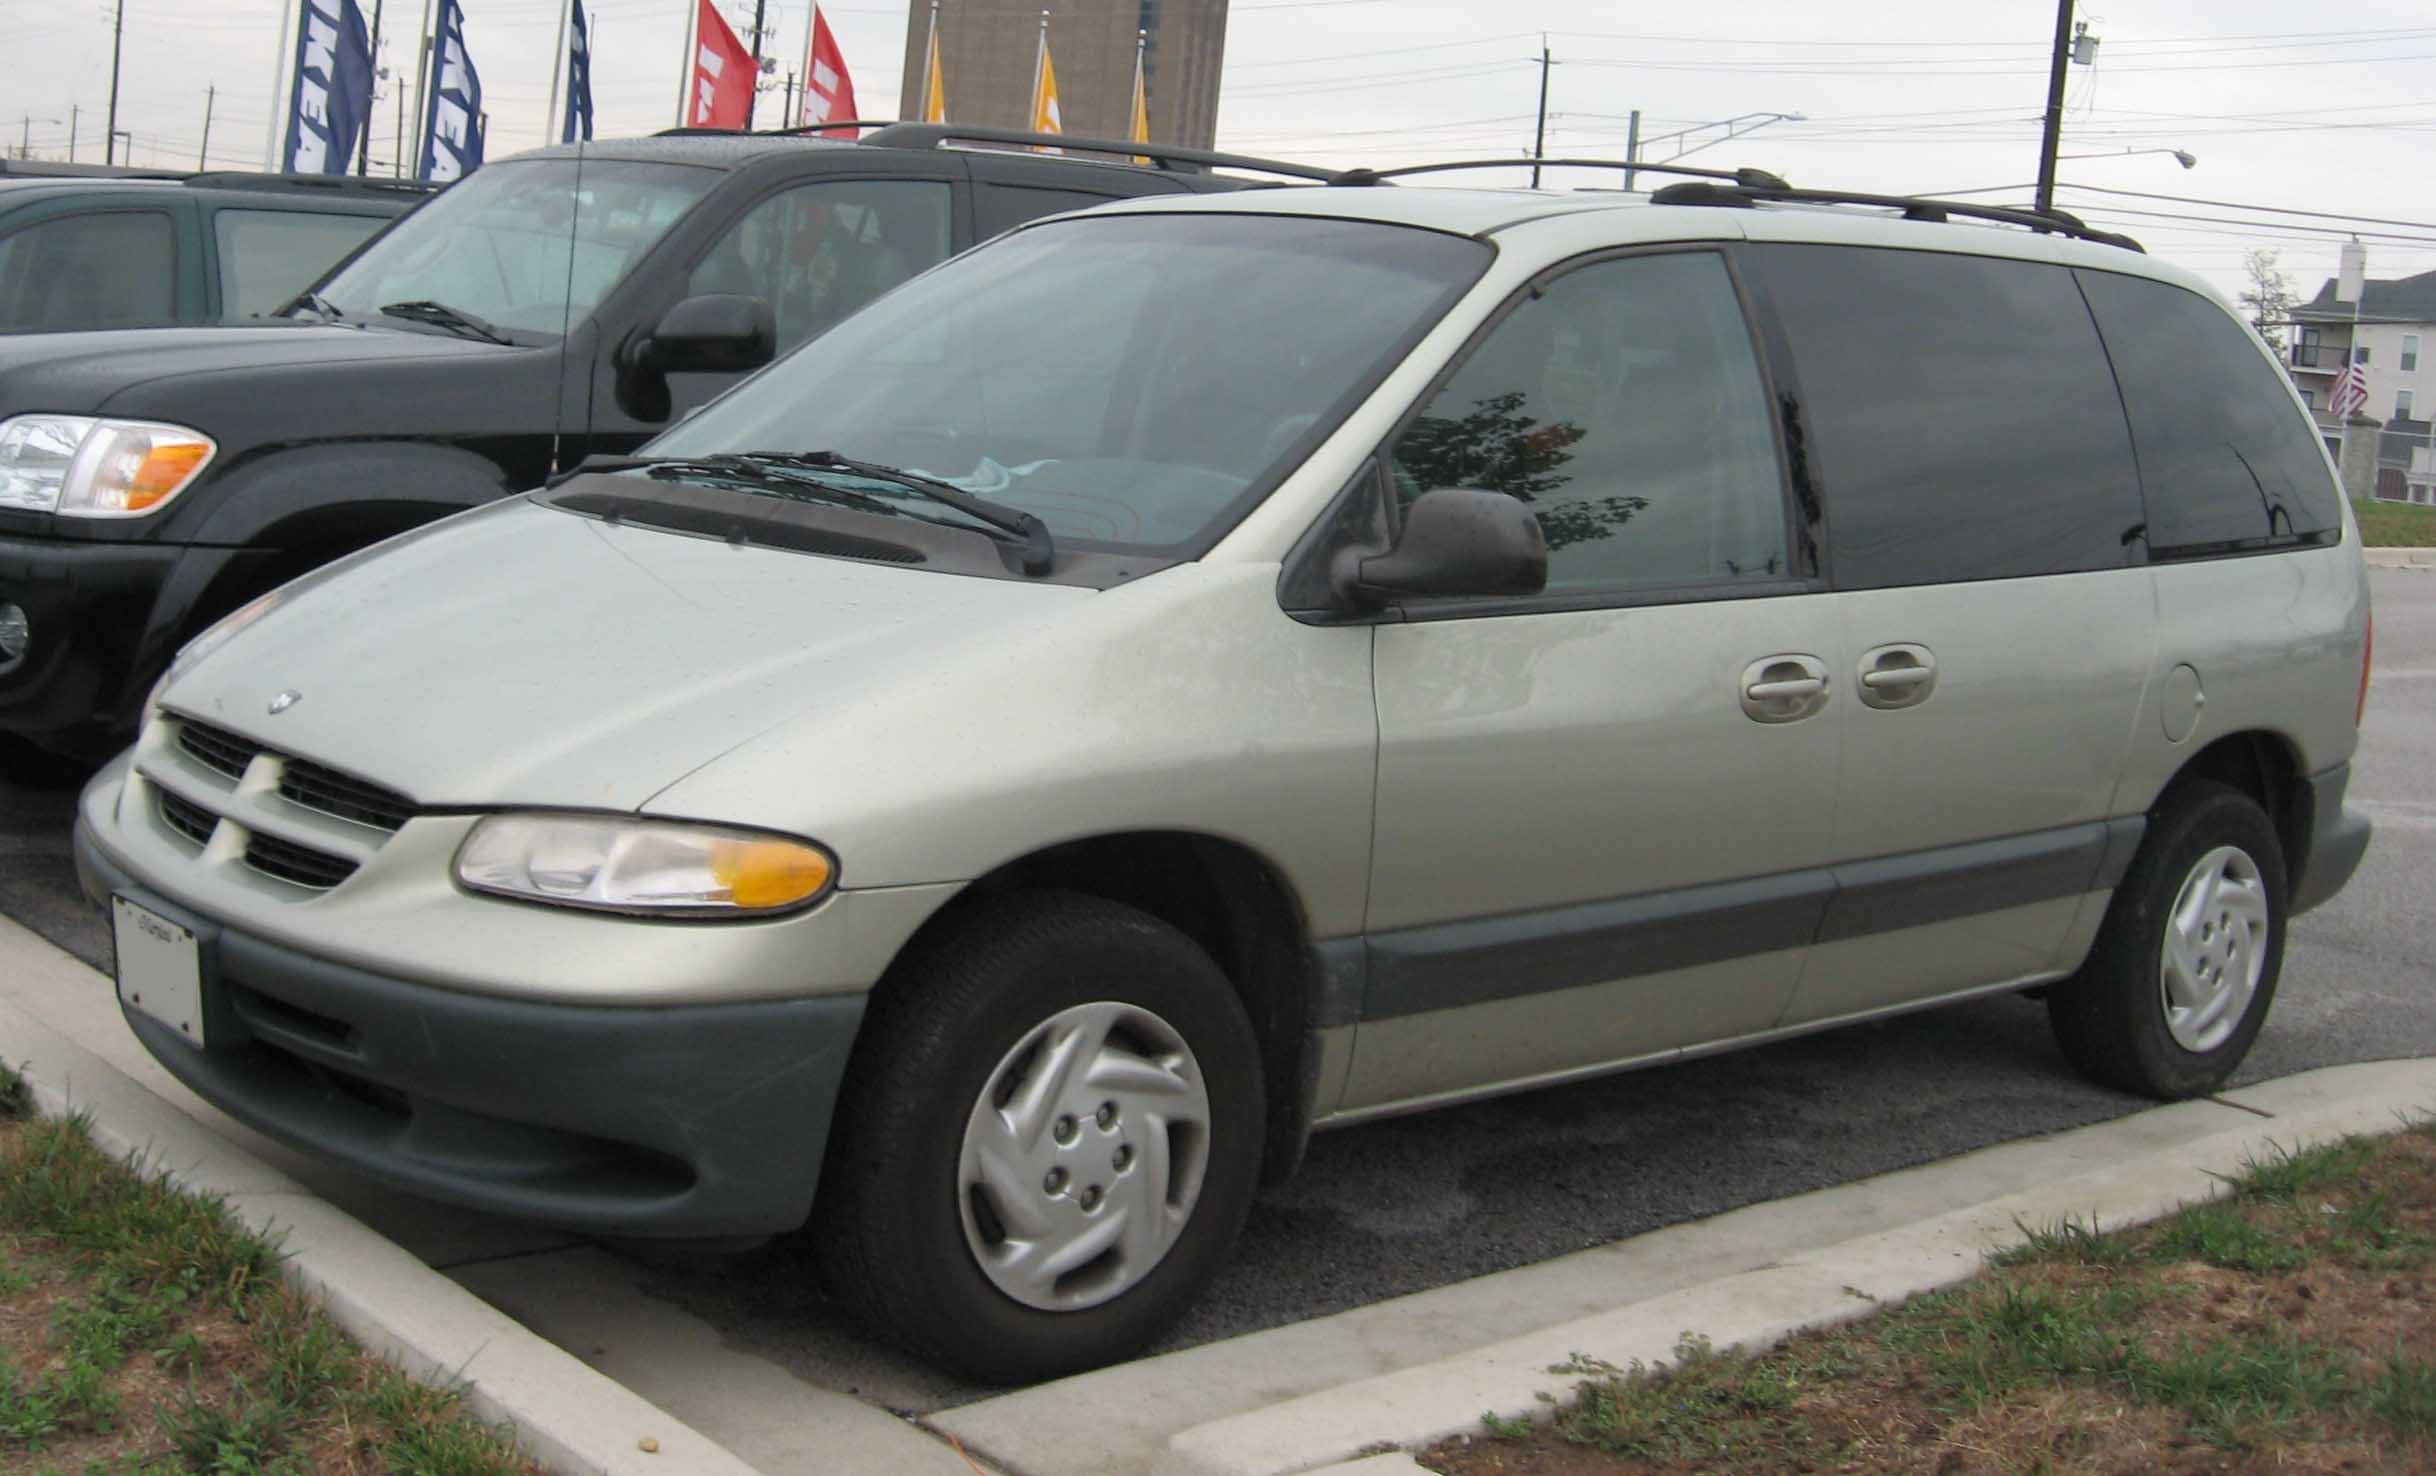 Dodge Caravan 2000 foto - 2